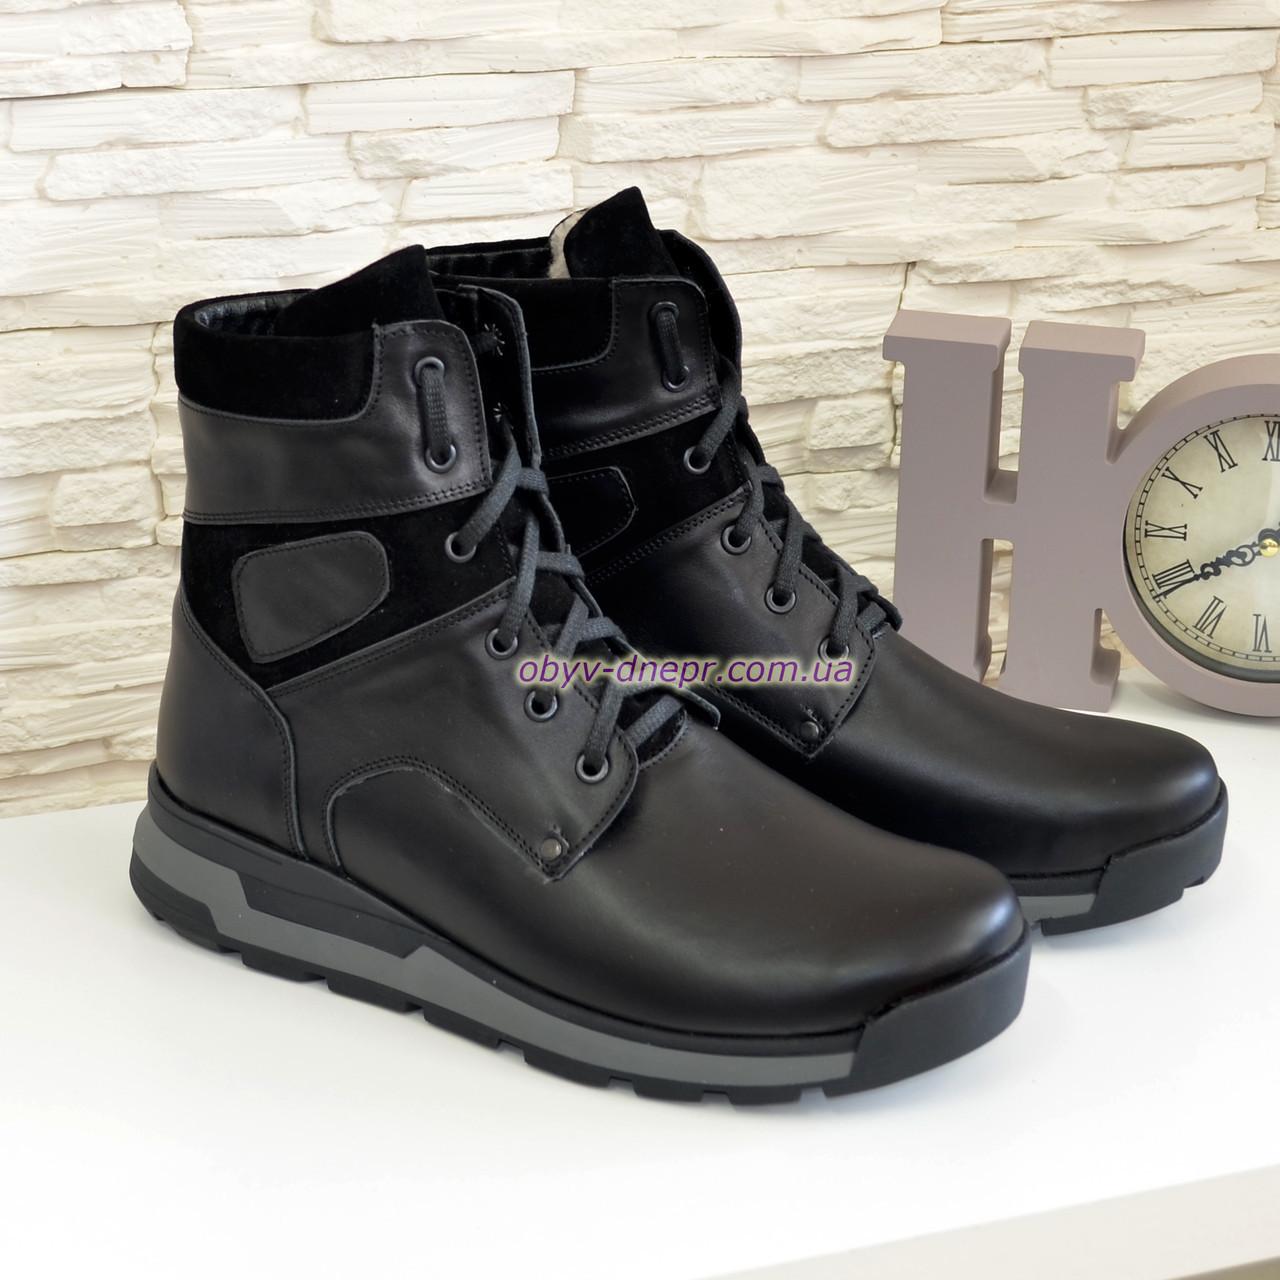 Ботинки мужские на шнуровке, натуральная кожа и замш черного цвета